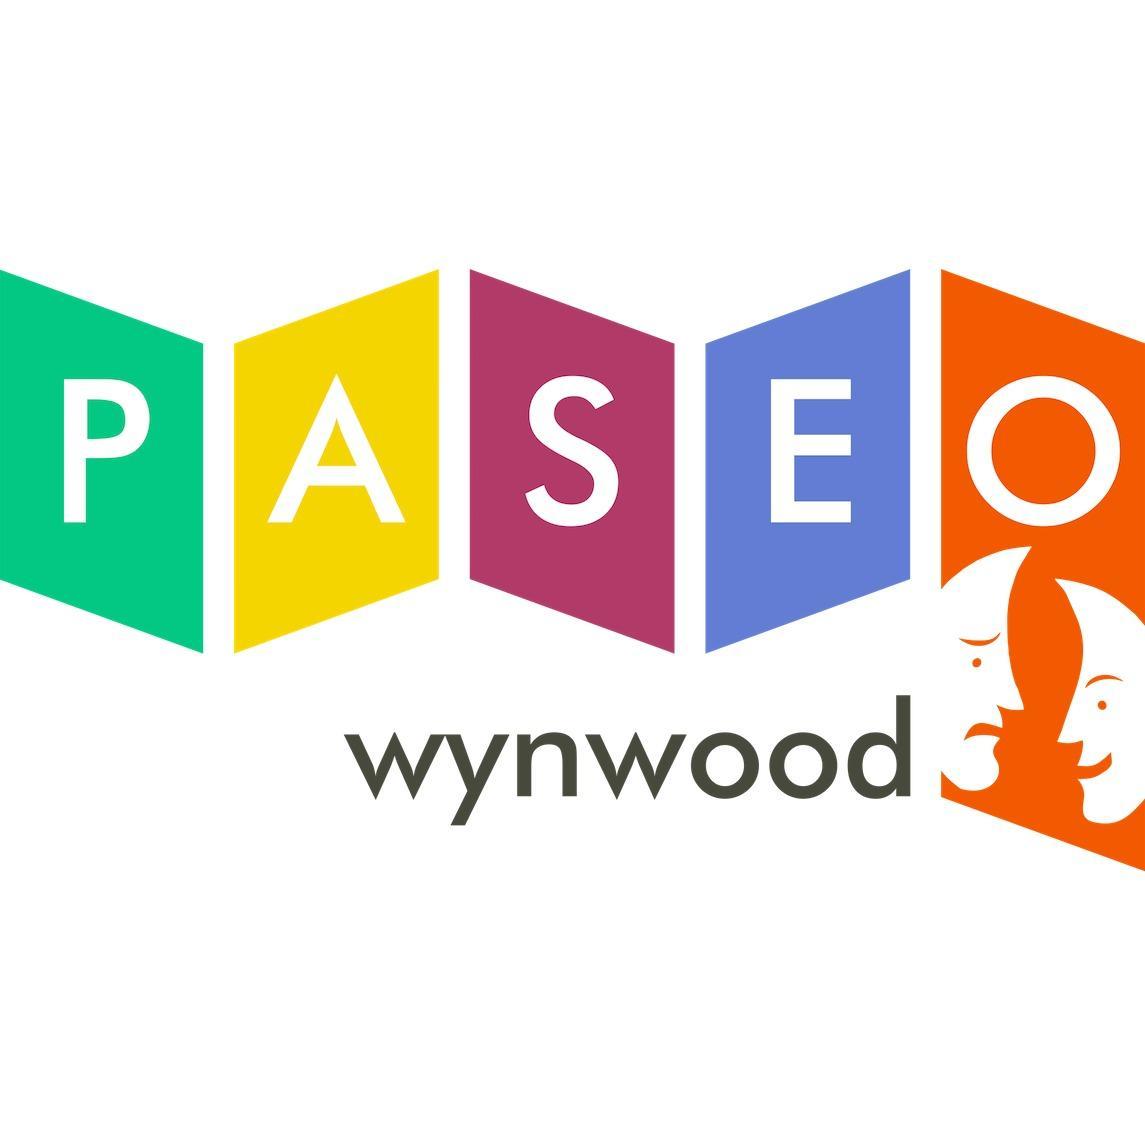 Paseo Wynwood